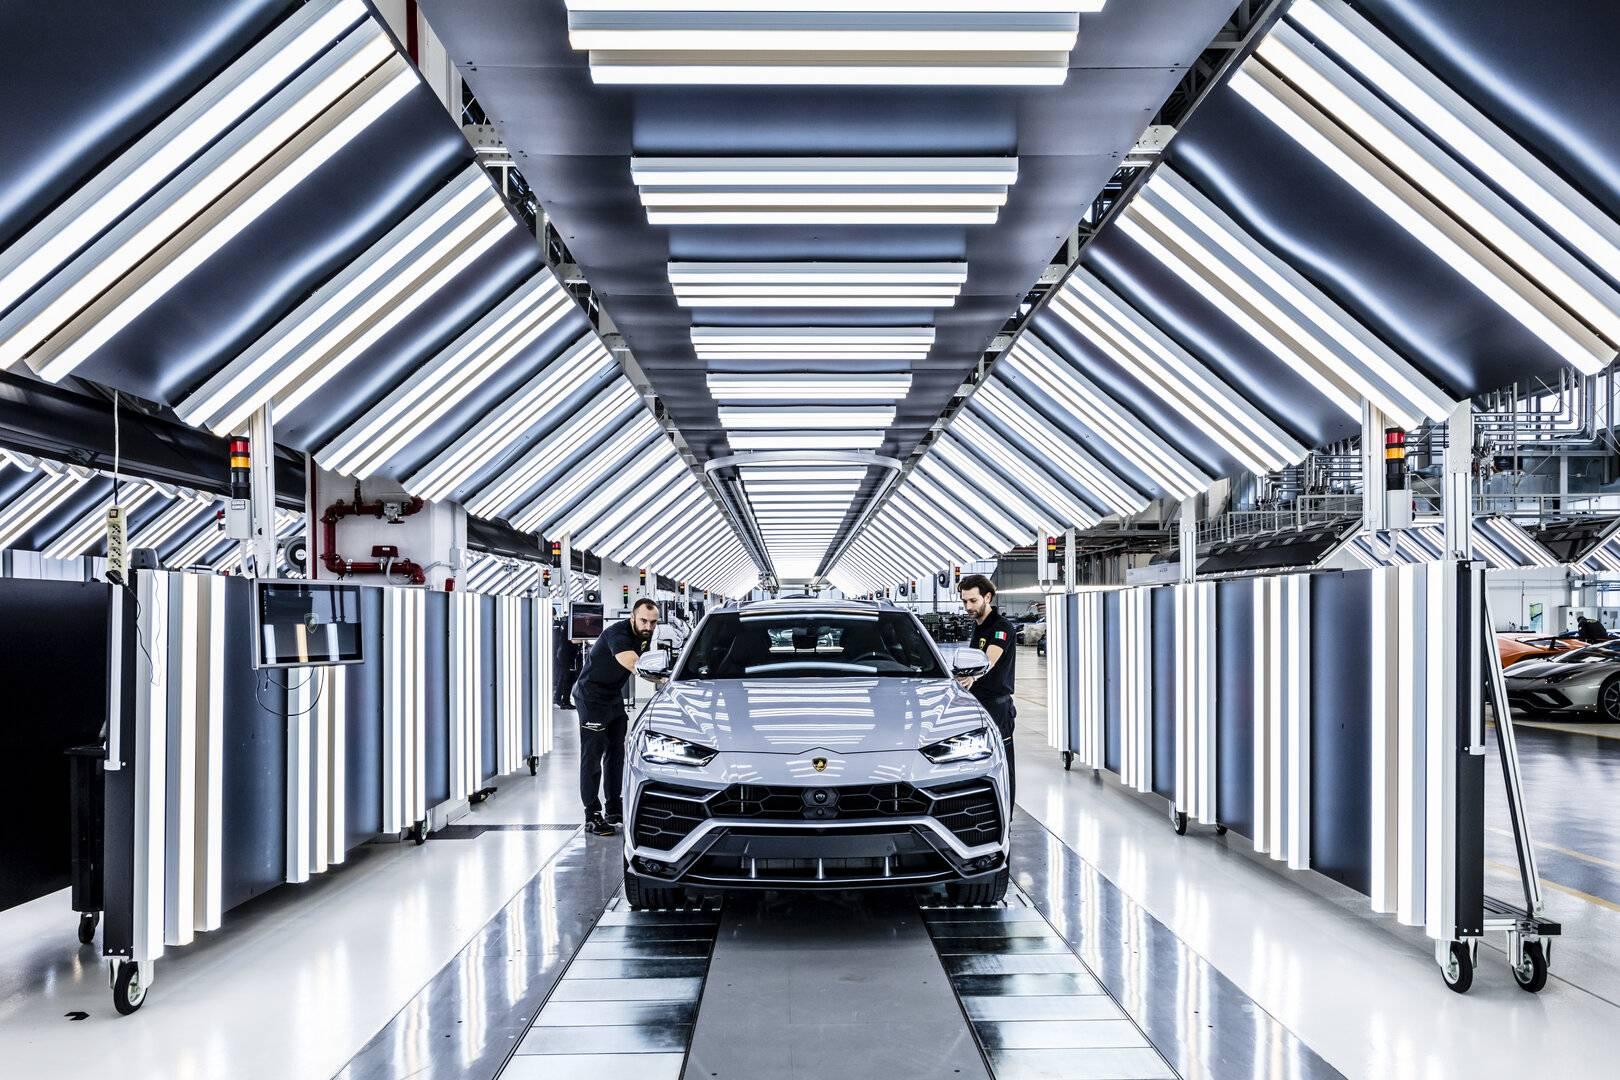 ¿Cómo se fabrica un automóvil de serie limitada? (X)